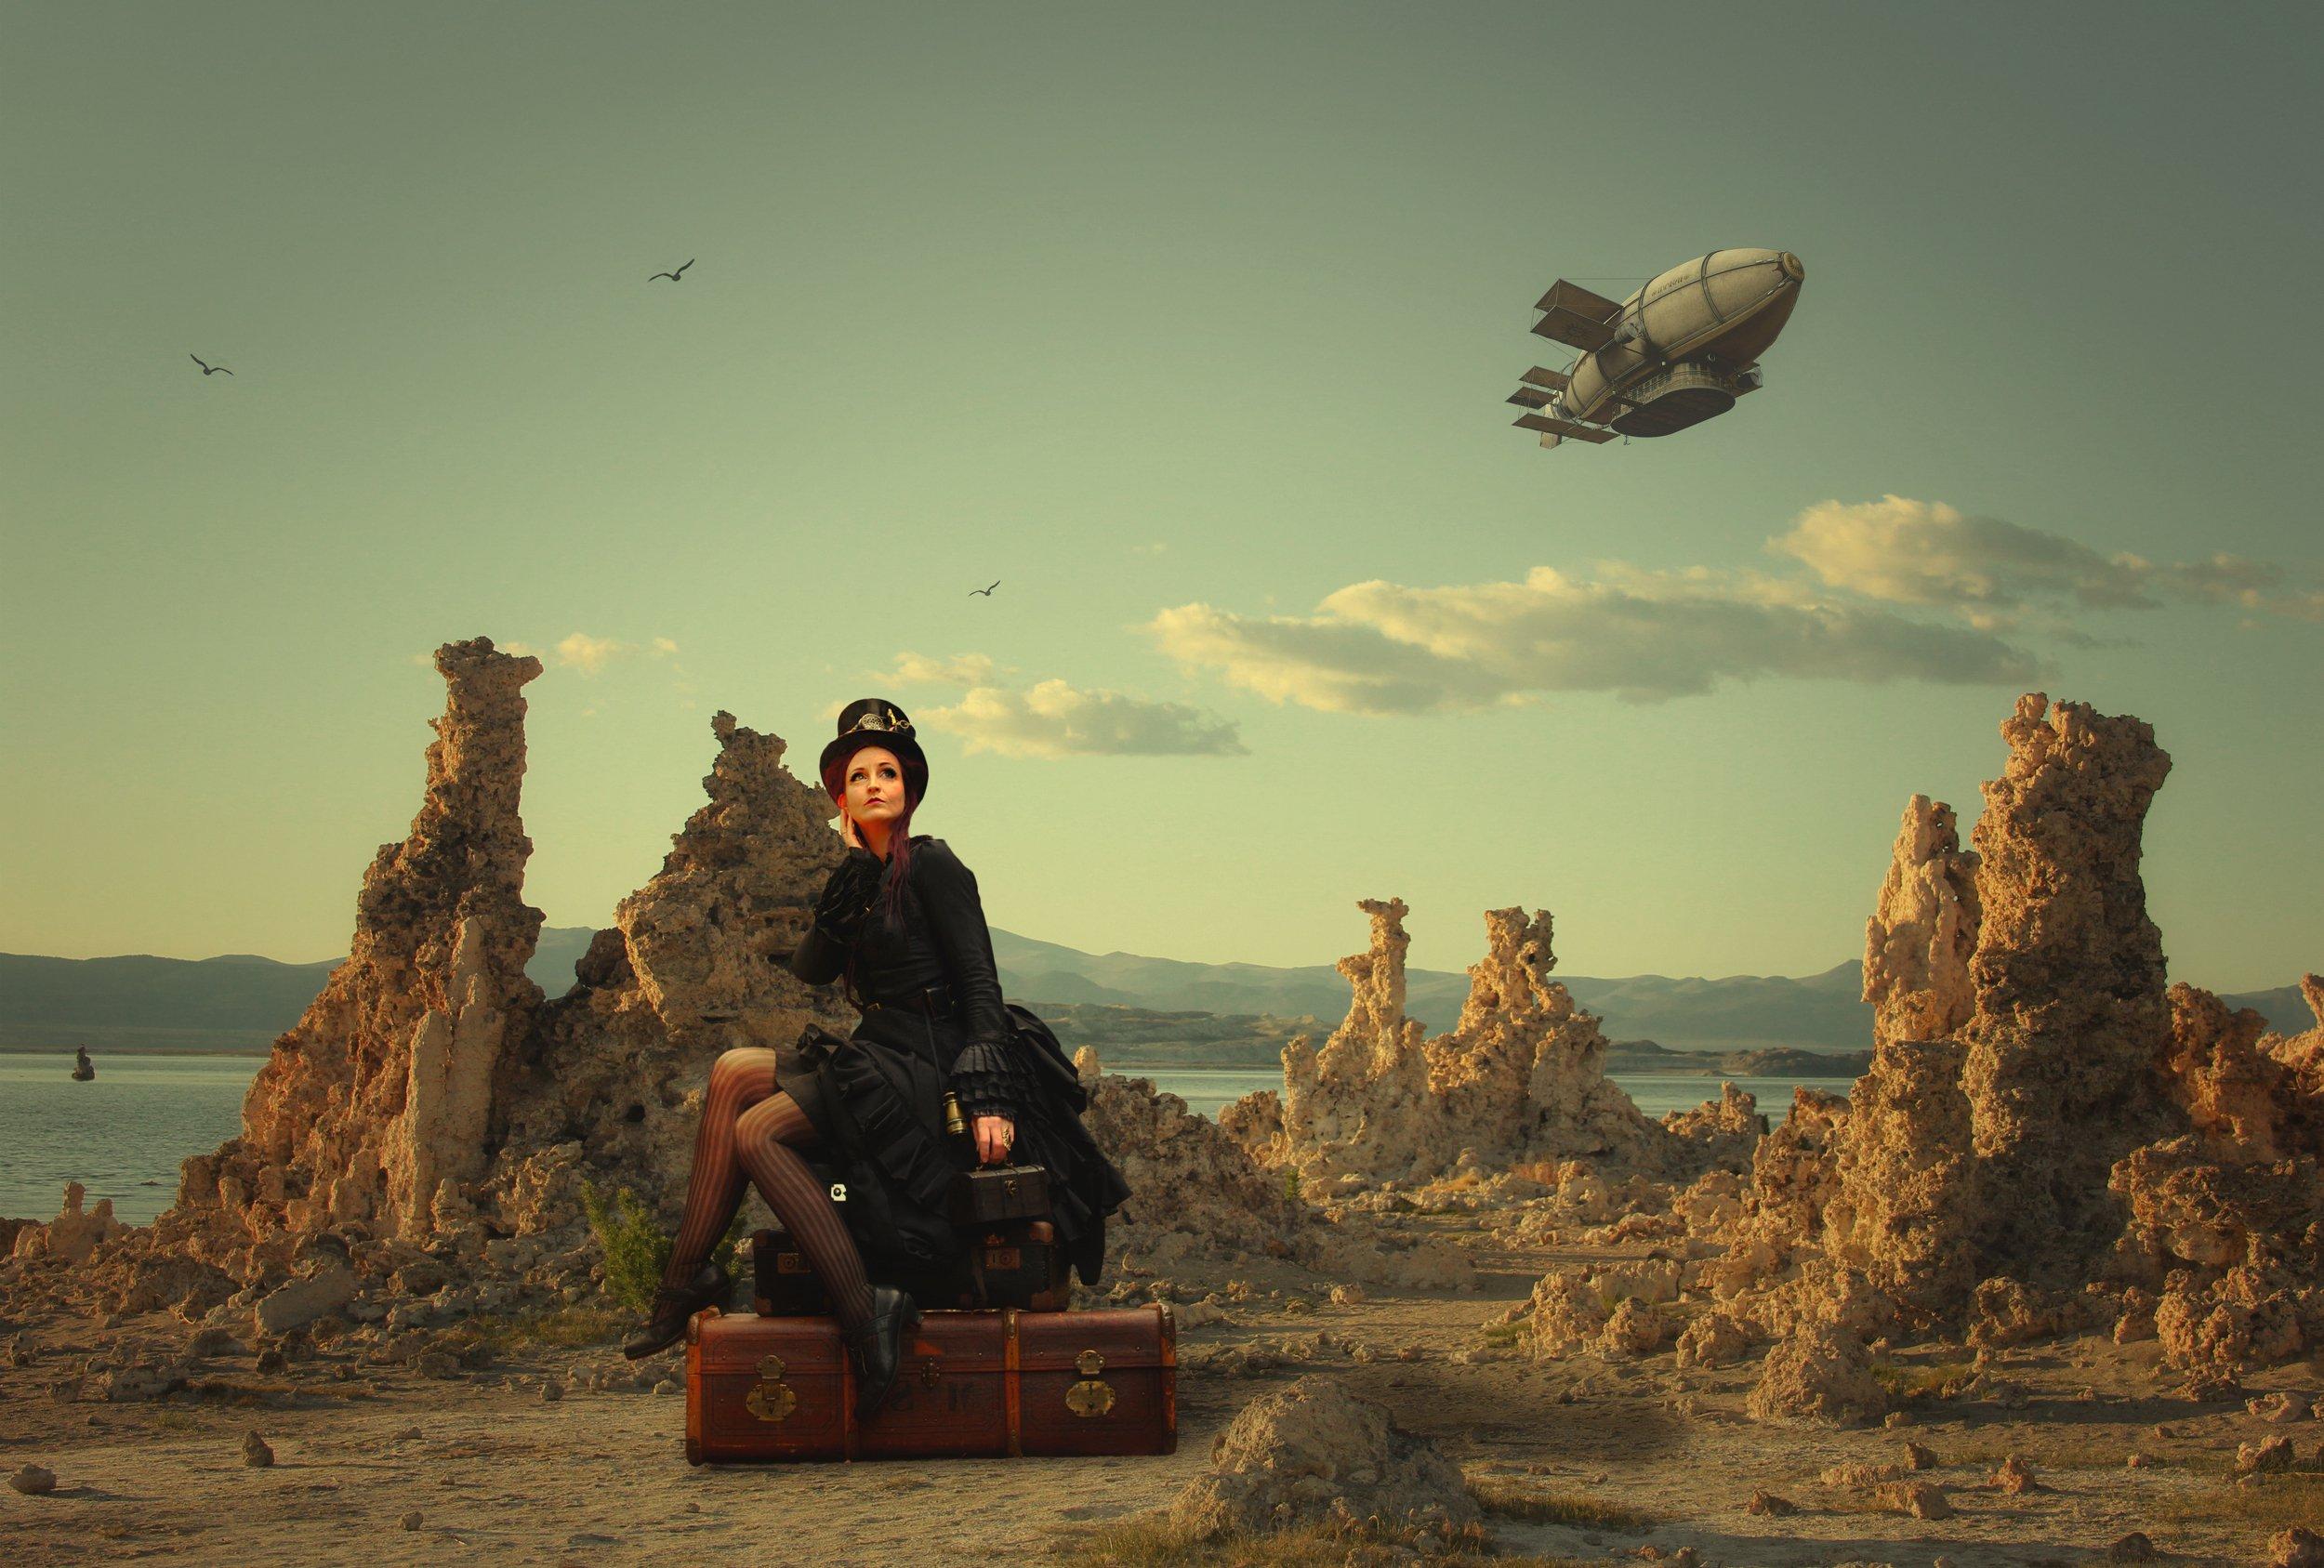 дирижабль, девушка, чемоданы, облака, Sergii Vidov